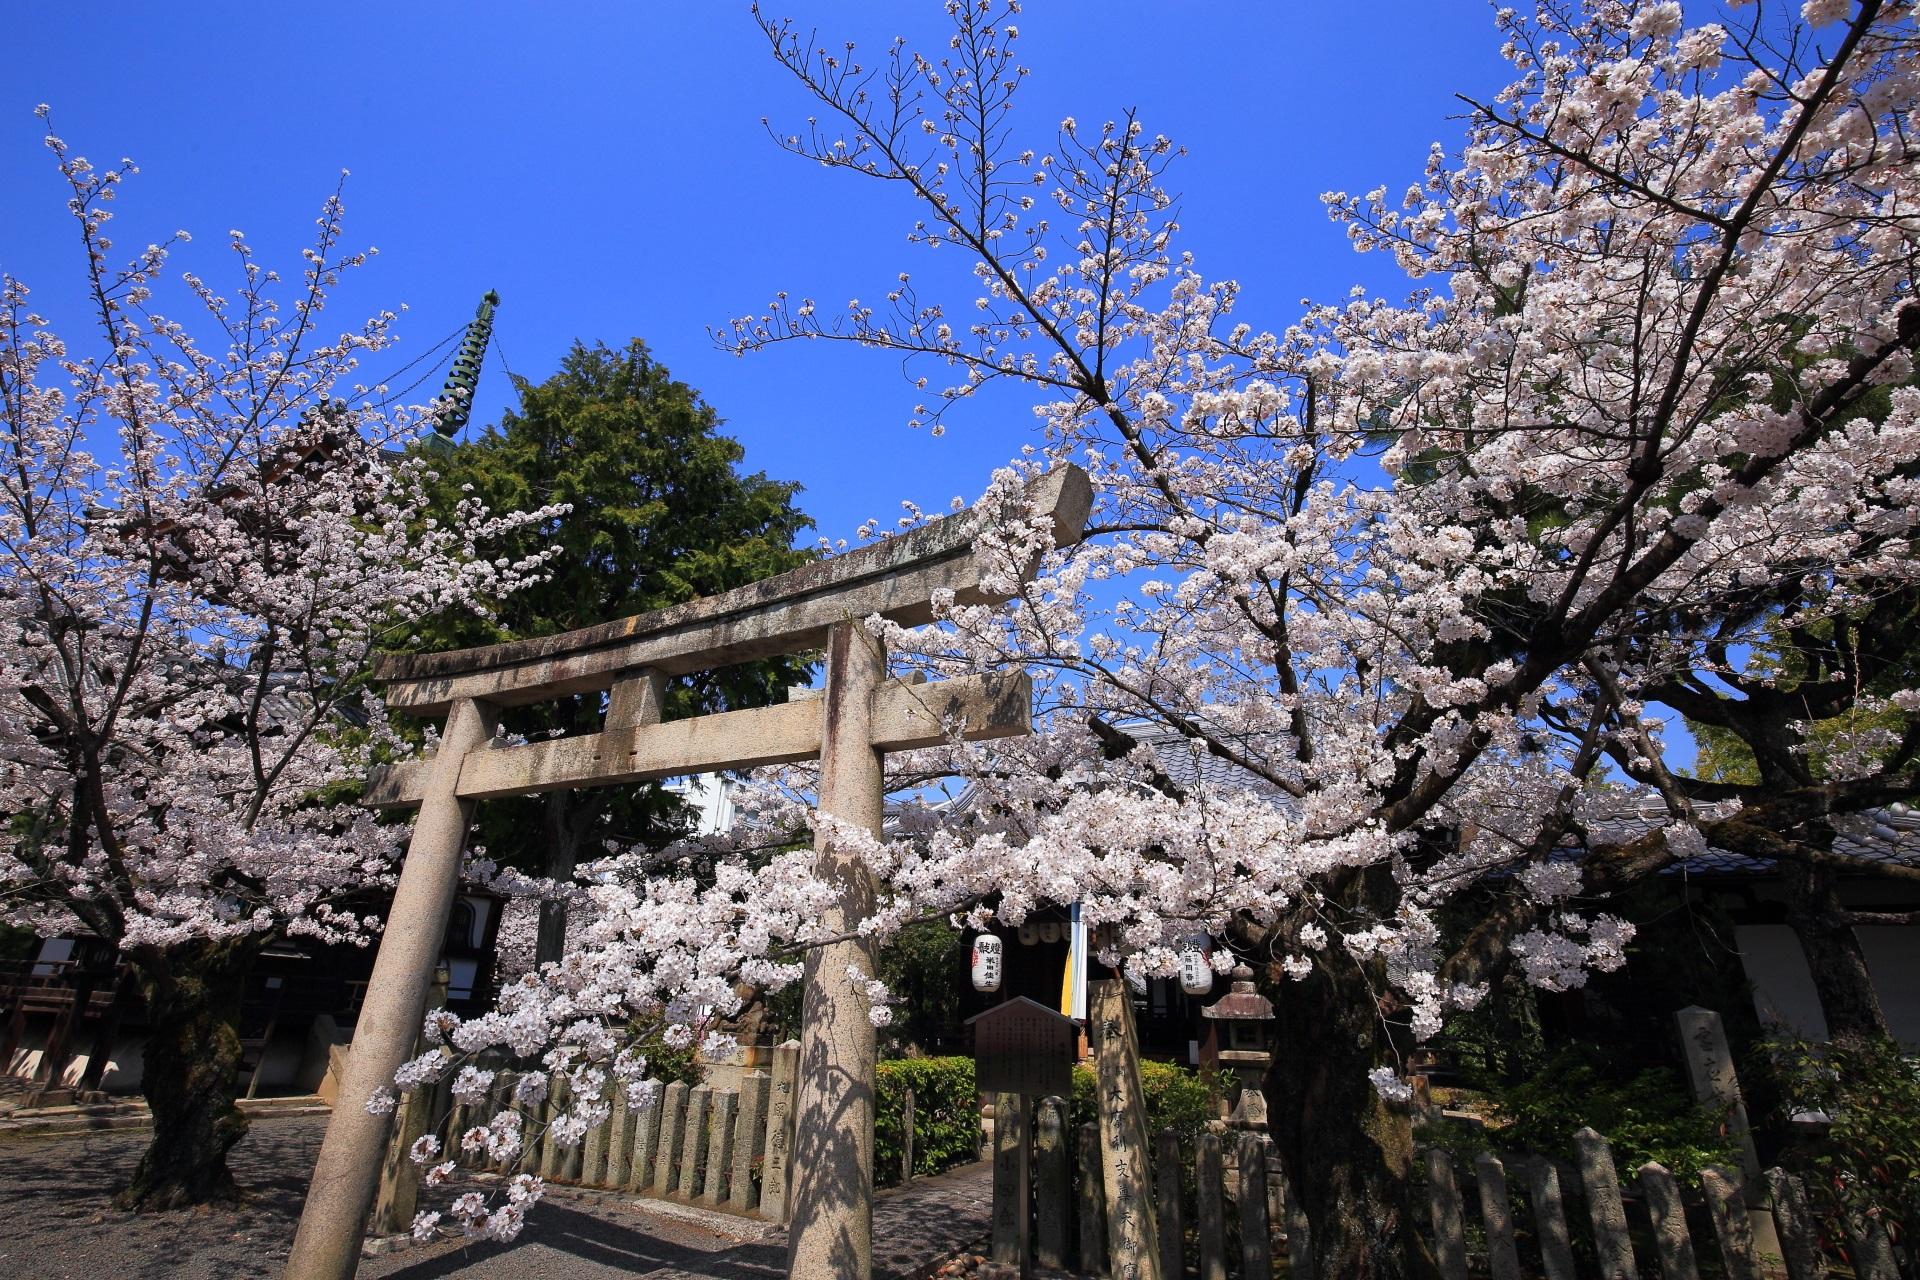 本法寺の摩利支天堂と桜